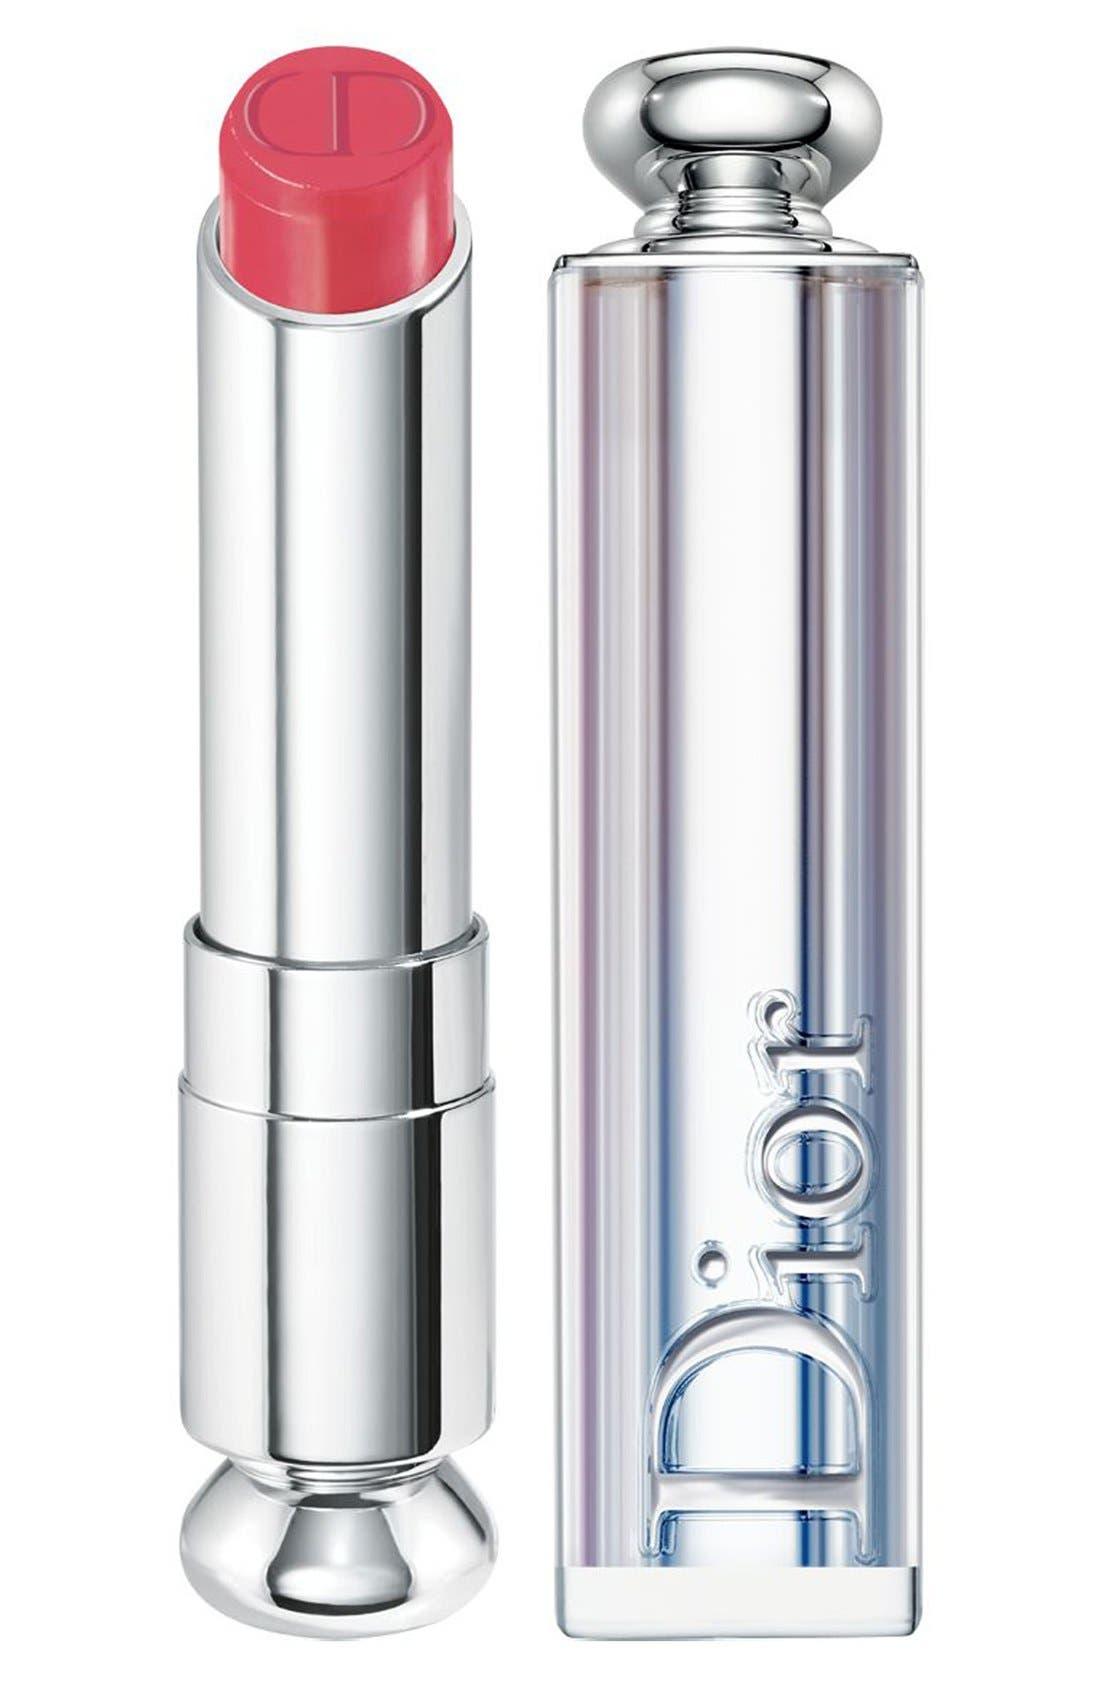 Dior Addict Hydra-Gel Core Mirror Shine Lipstick -